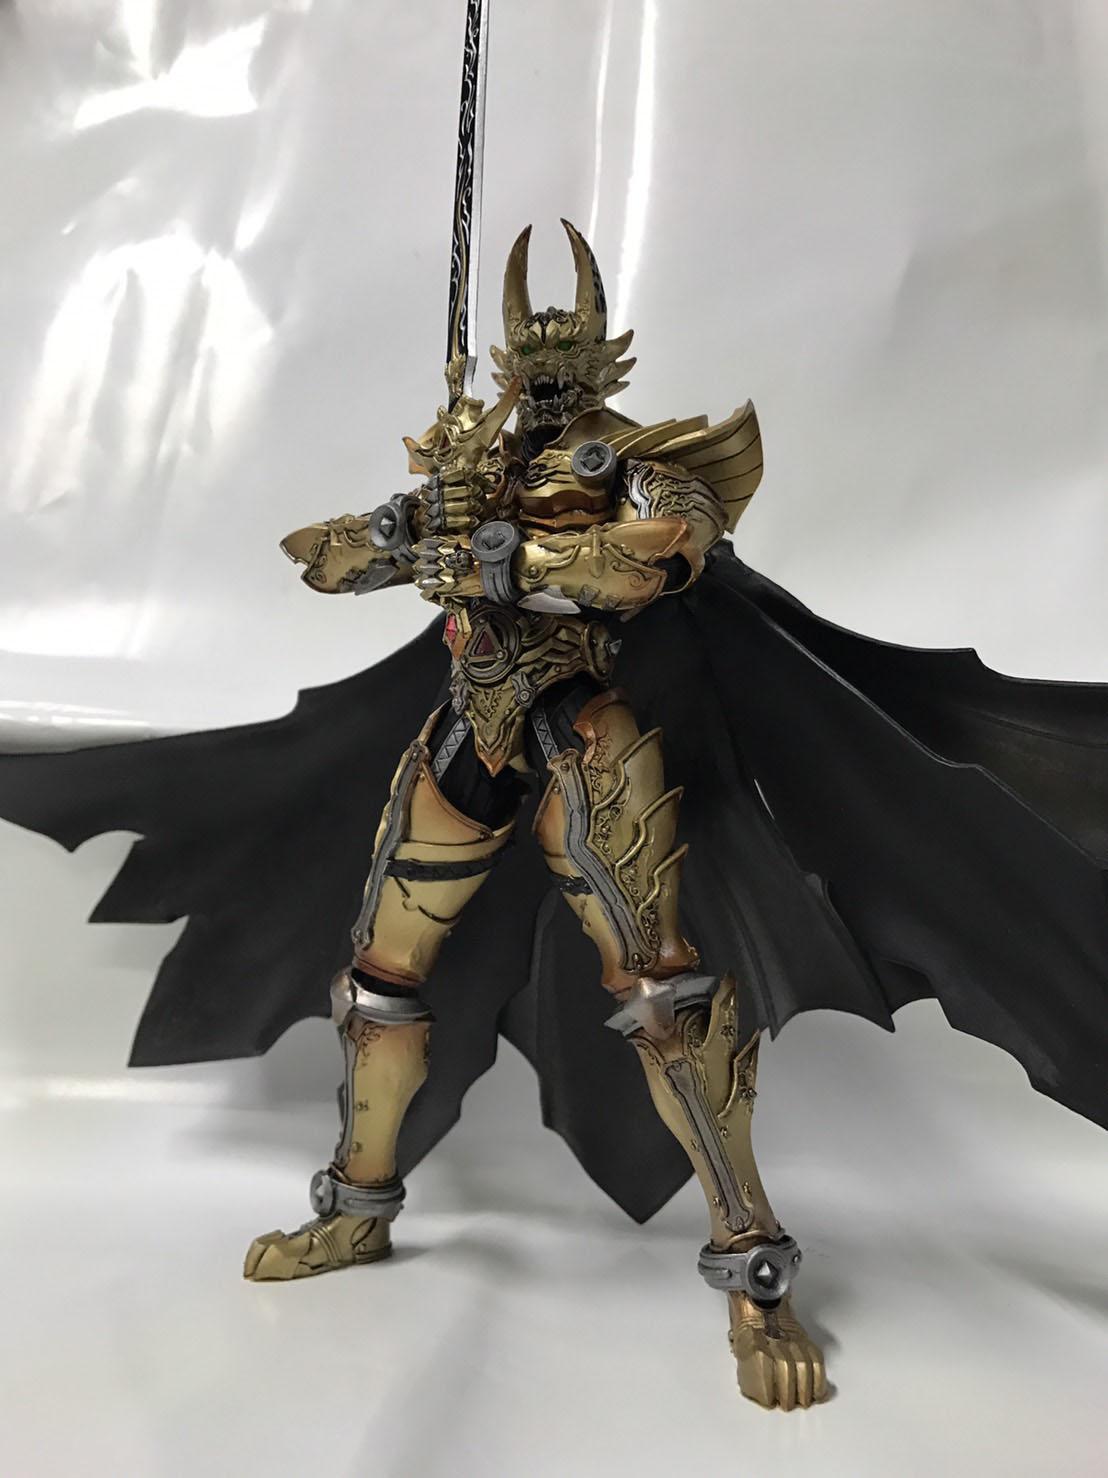 魔戒可動 黃金騎士 牙狼 GARO(冴島鋼牙),益祥模型玩具 本體實際拍攝照片。